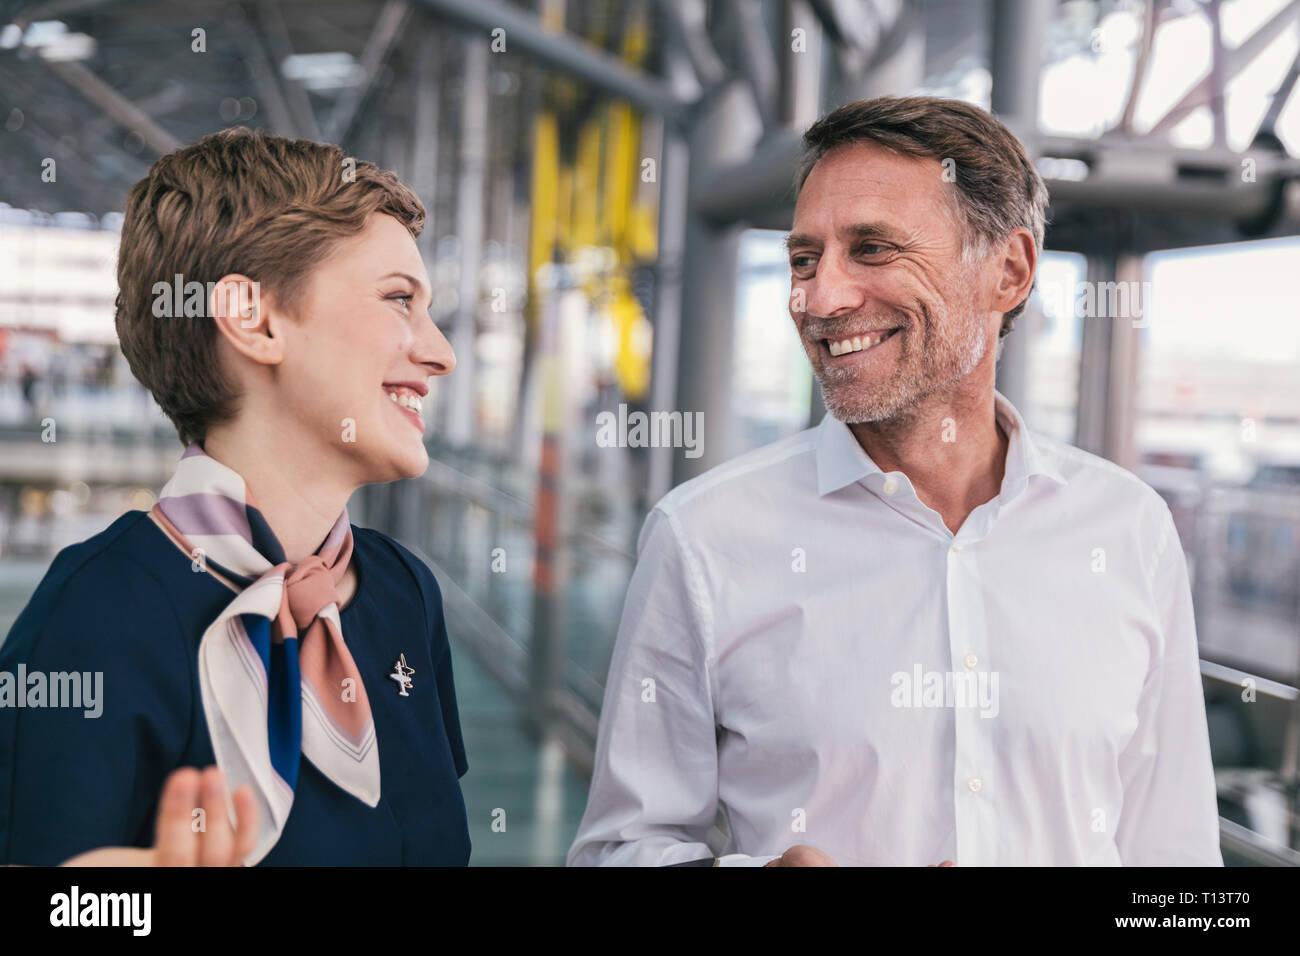 Feliz empleado de aerolínea hablando a los pasajeros en el aeropuerto. Foto de stock